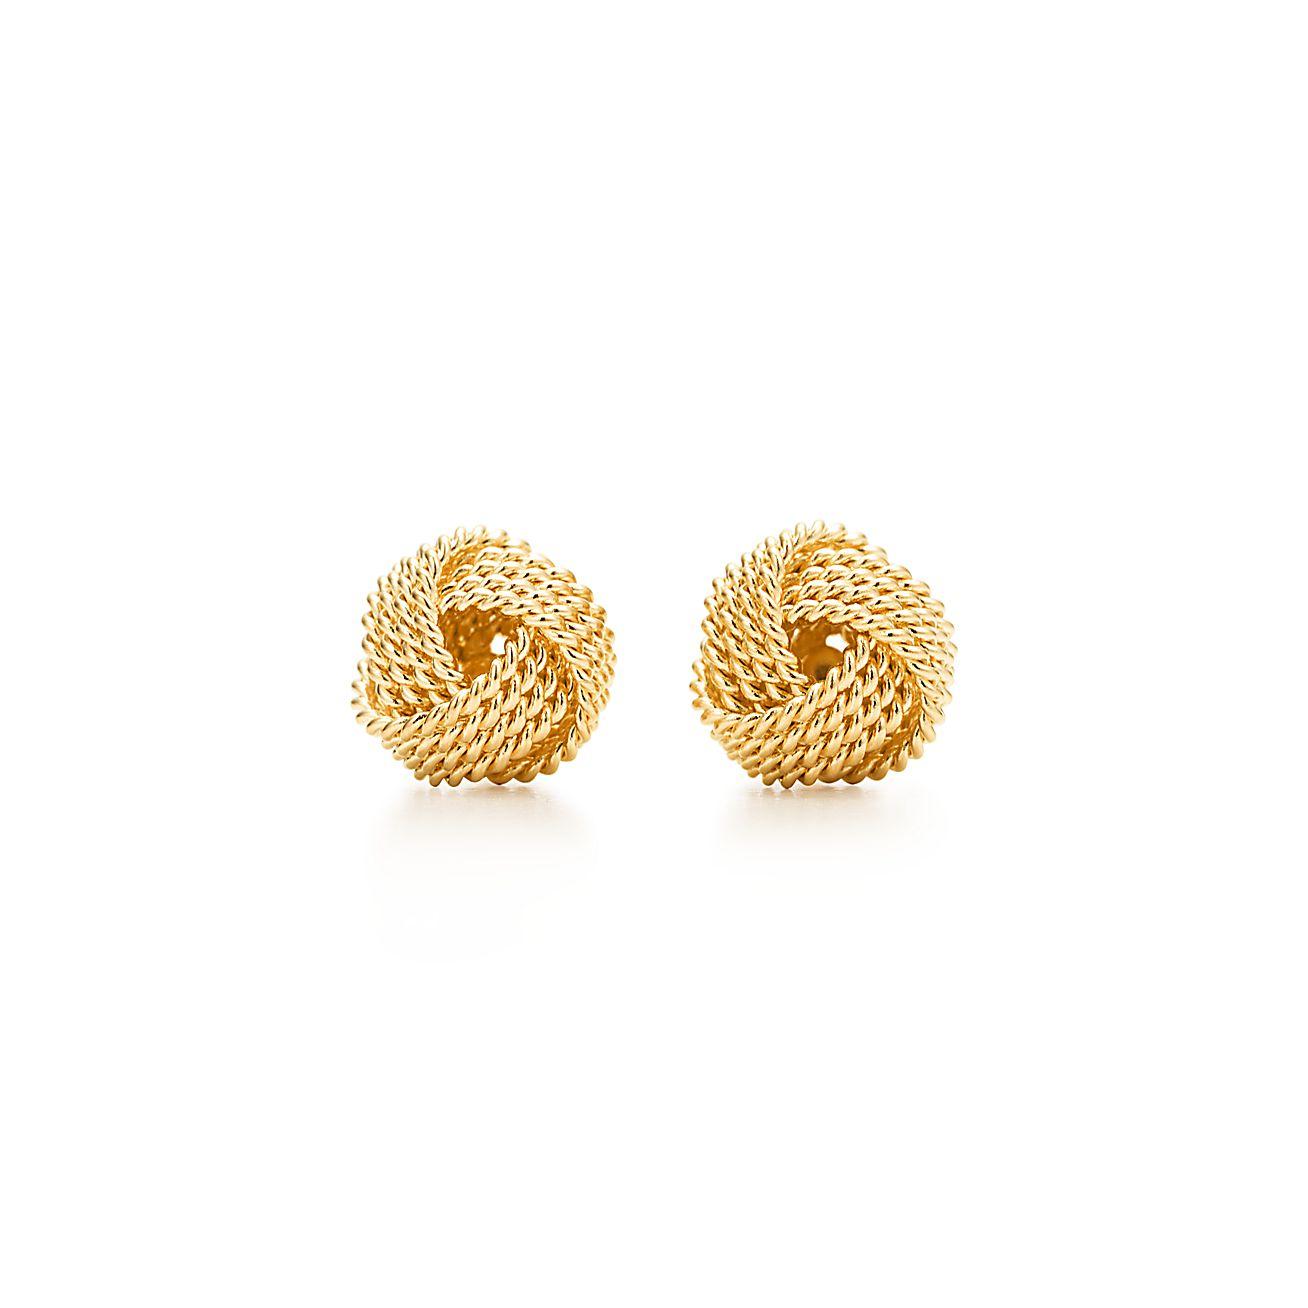 Tiffany Twist knot earrings in 18k gold.   Tiffany & Co.